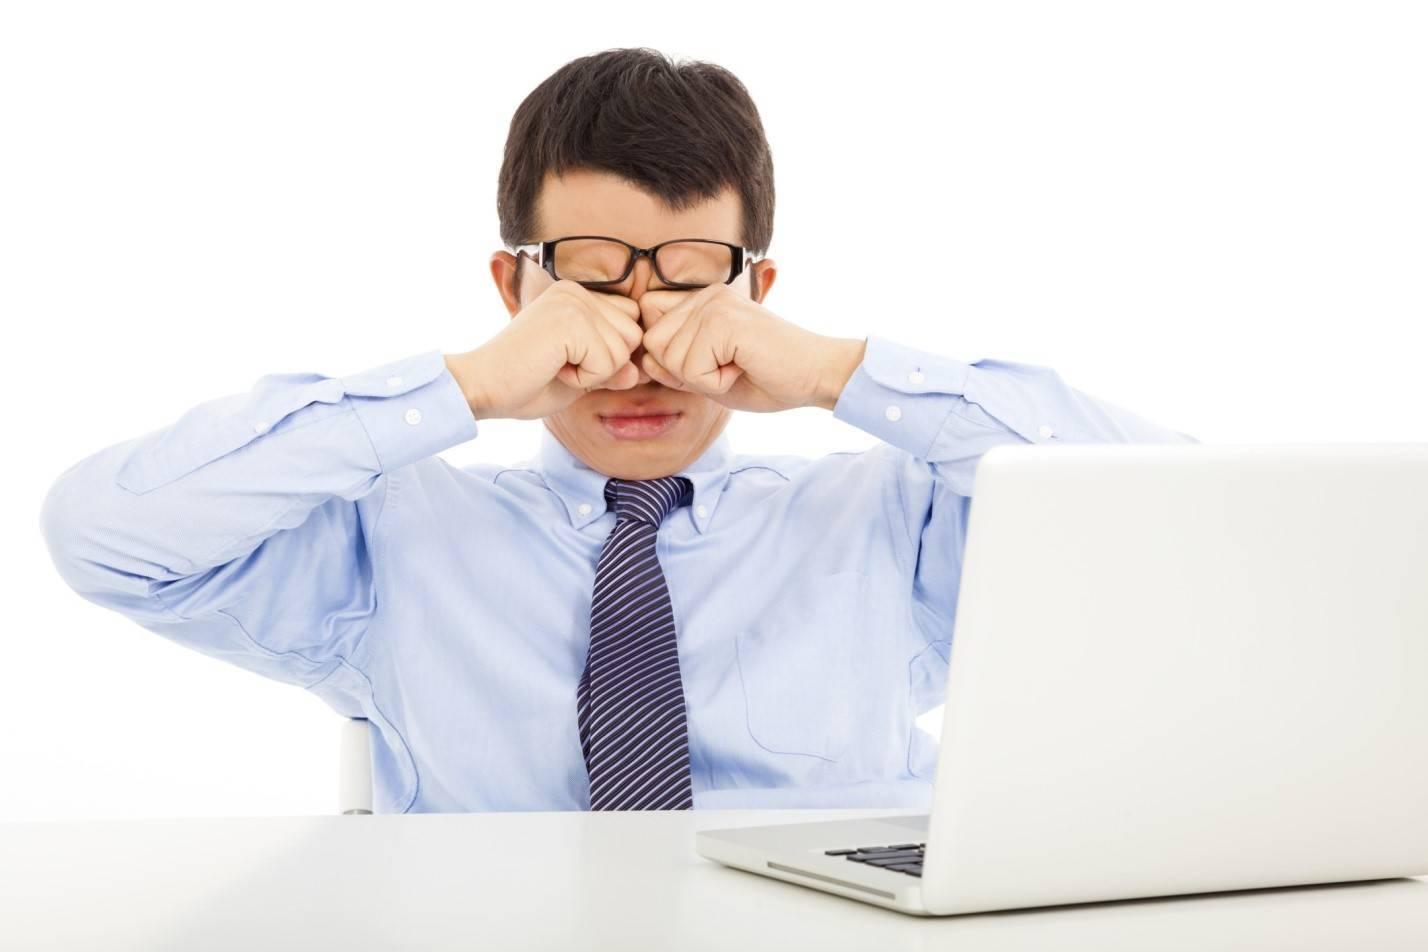 портится зрение от компьютера